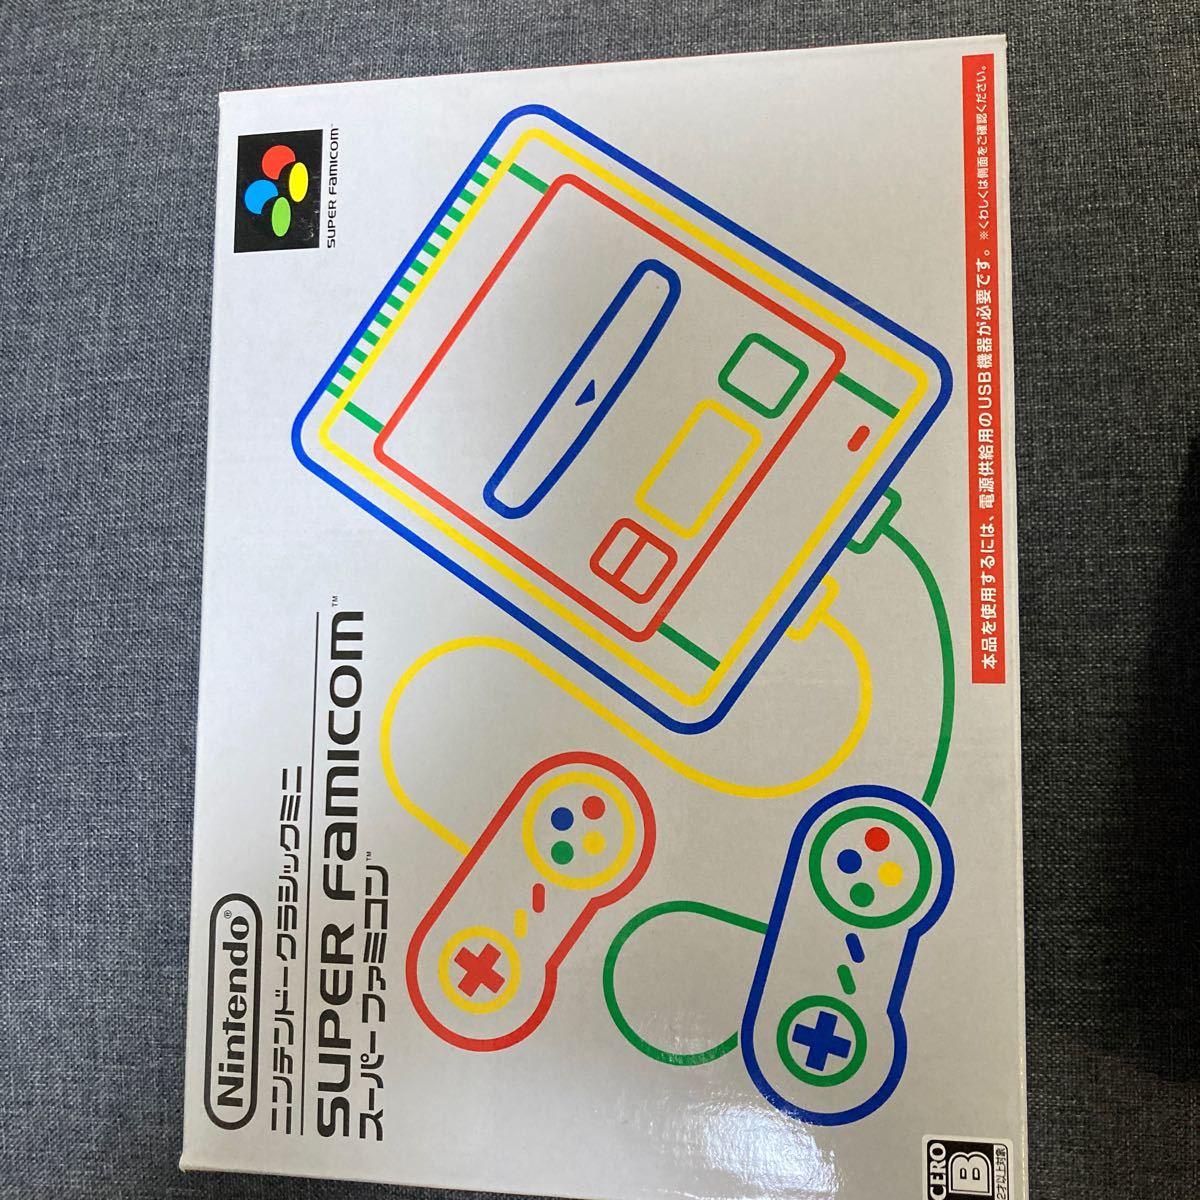 ニンテンドークラシックミニスーパーファミコン 任天堂 スーパーファミコン  Nintendo